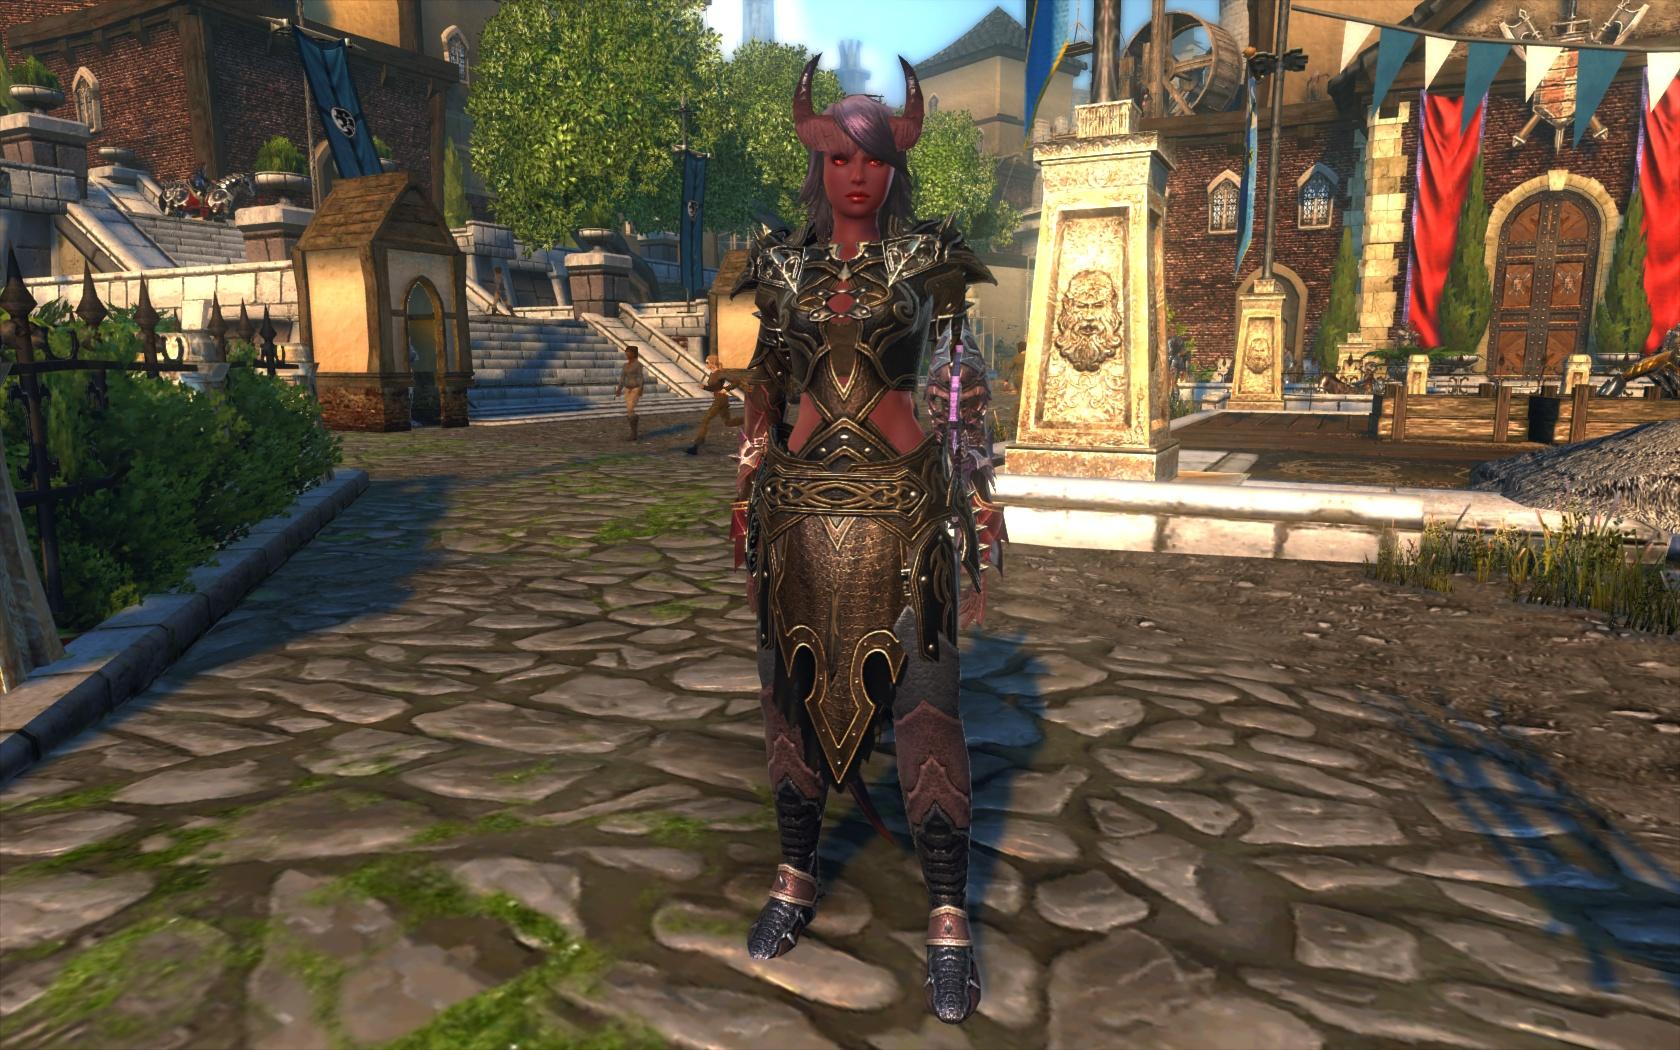 My Warlock in Neverwinter by Silverspar on DeviantArt